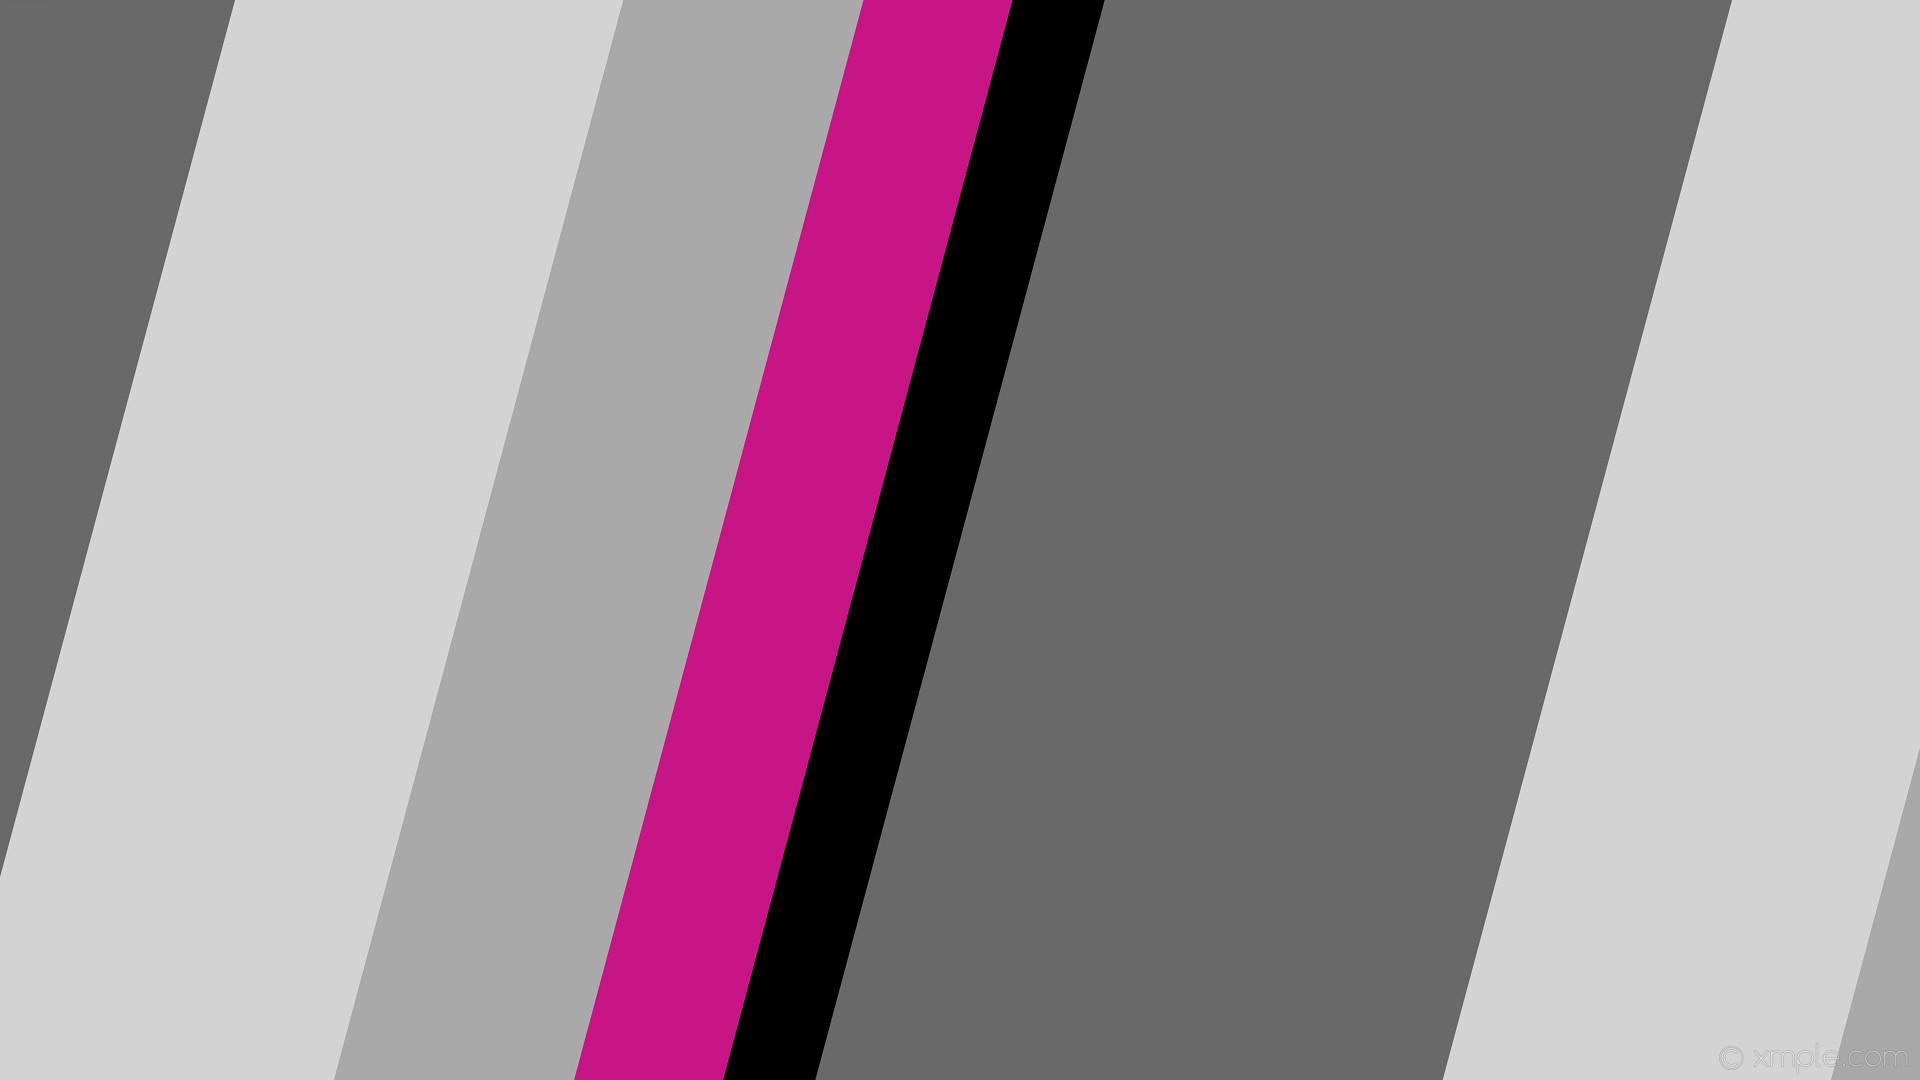 wallpaper lines pink grey streaks stripes black medium violet red dark gray  light gray dim gray